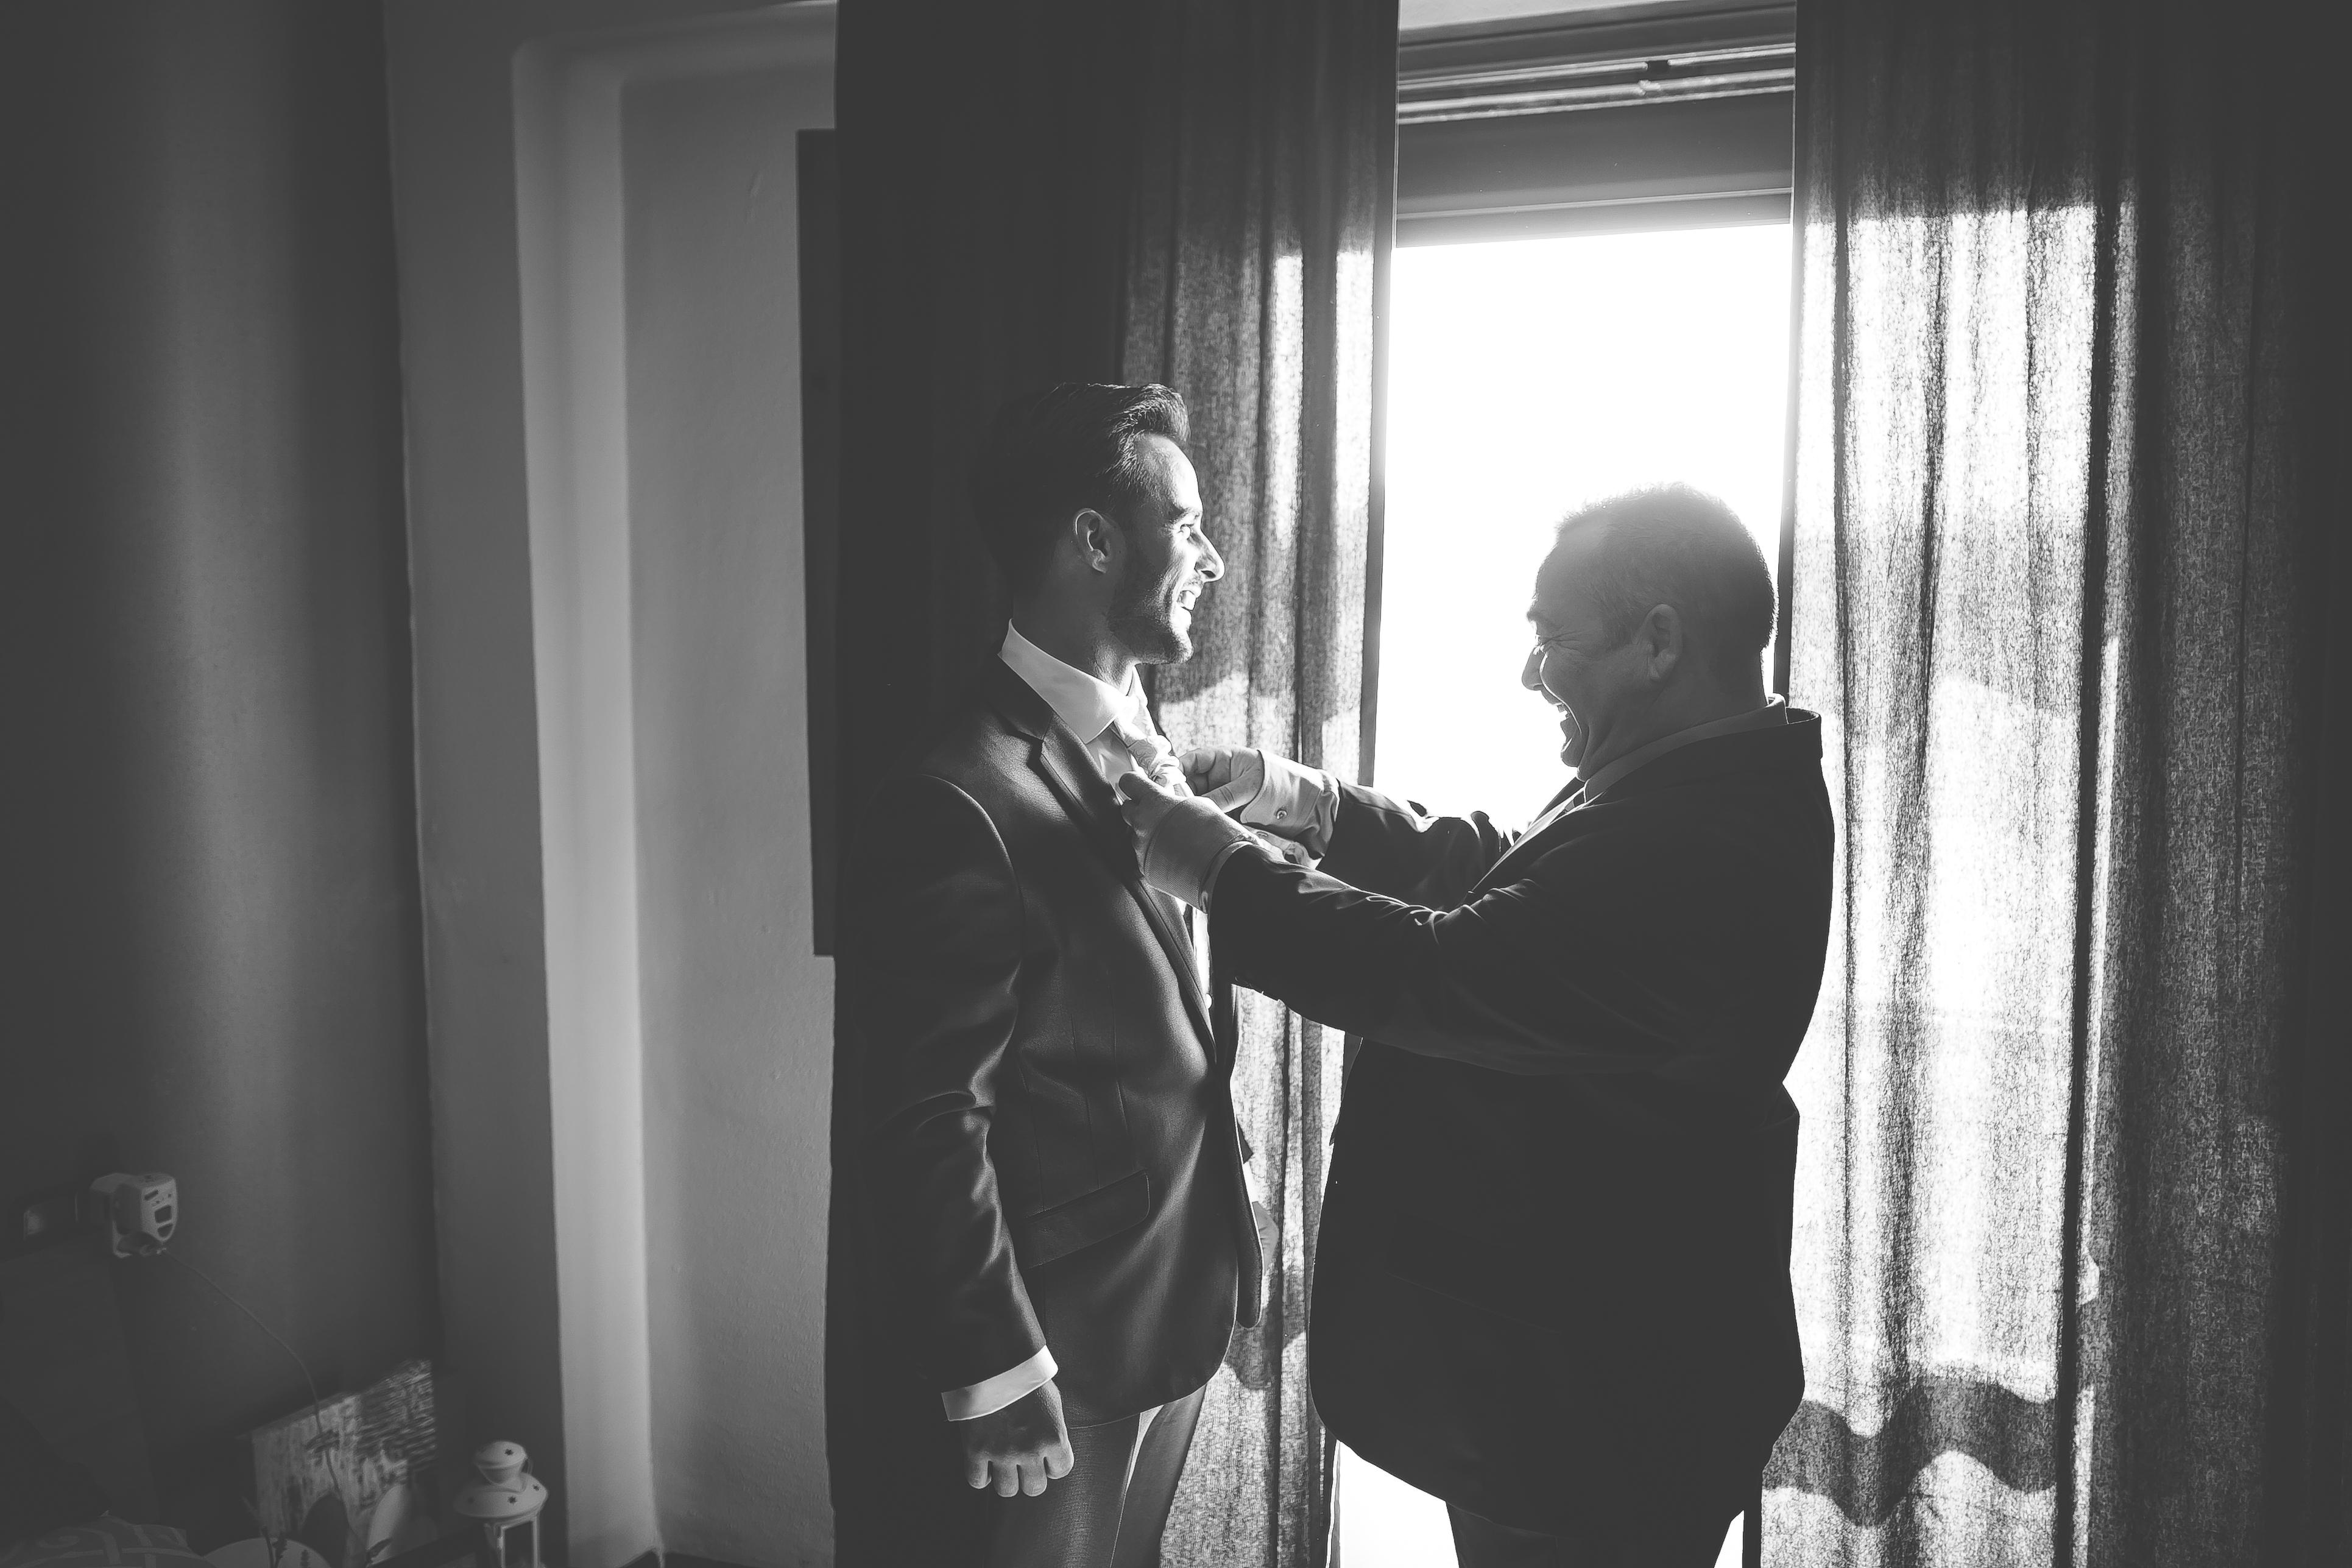 Mg 8915 fotografo de bodas en palma de mallorca joanfrank - Fotografo en mallorca ...